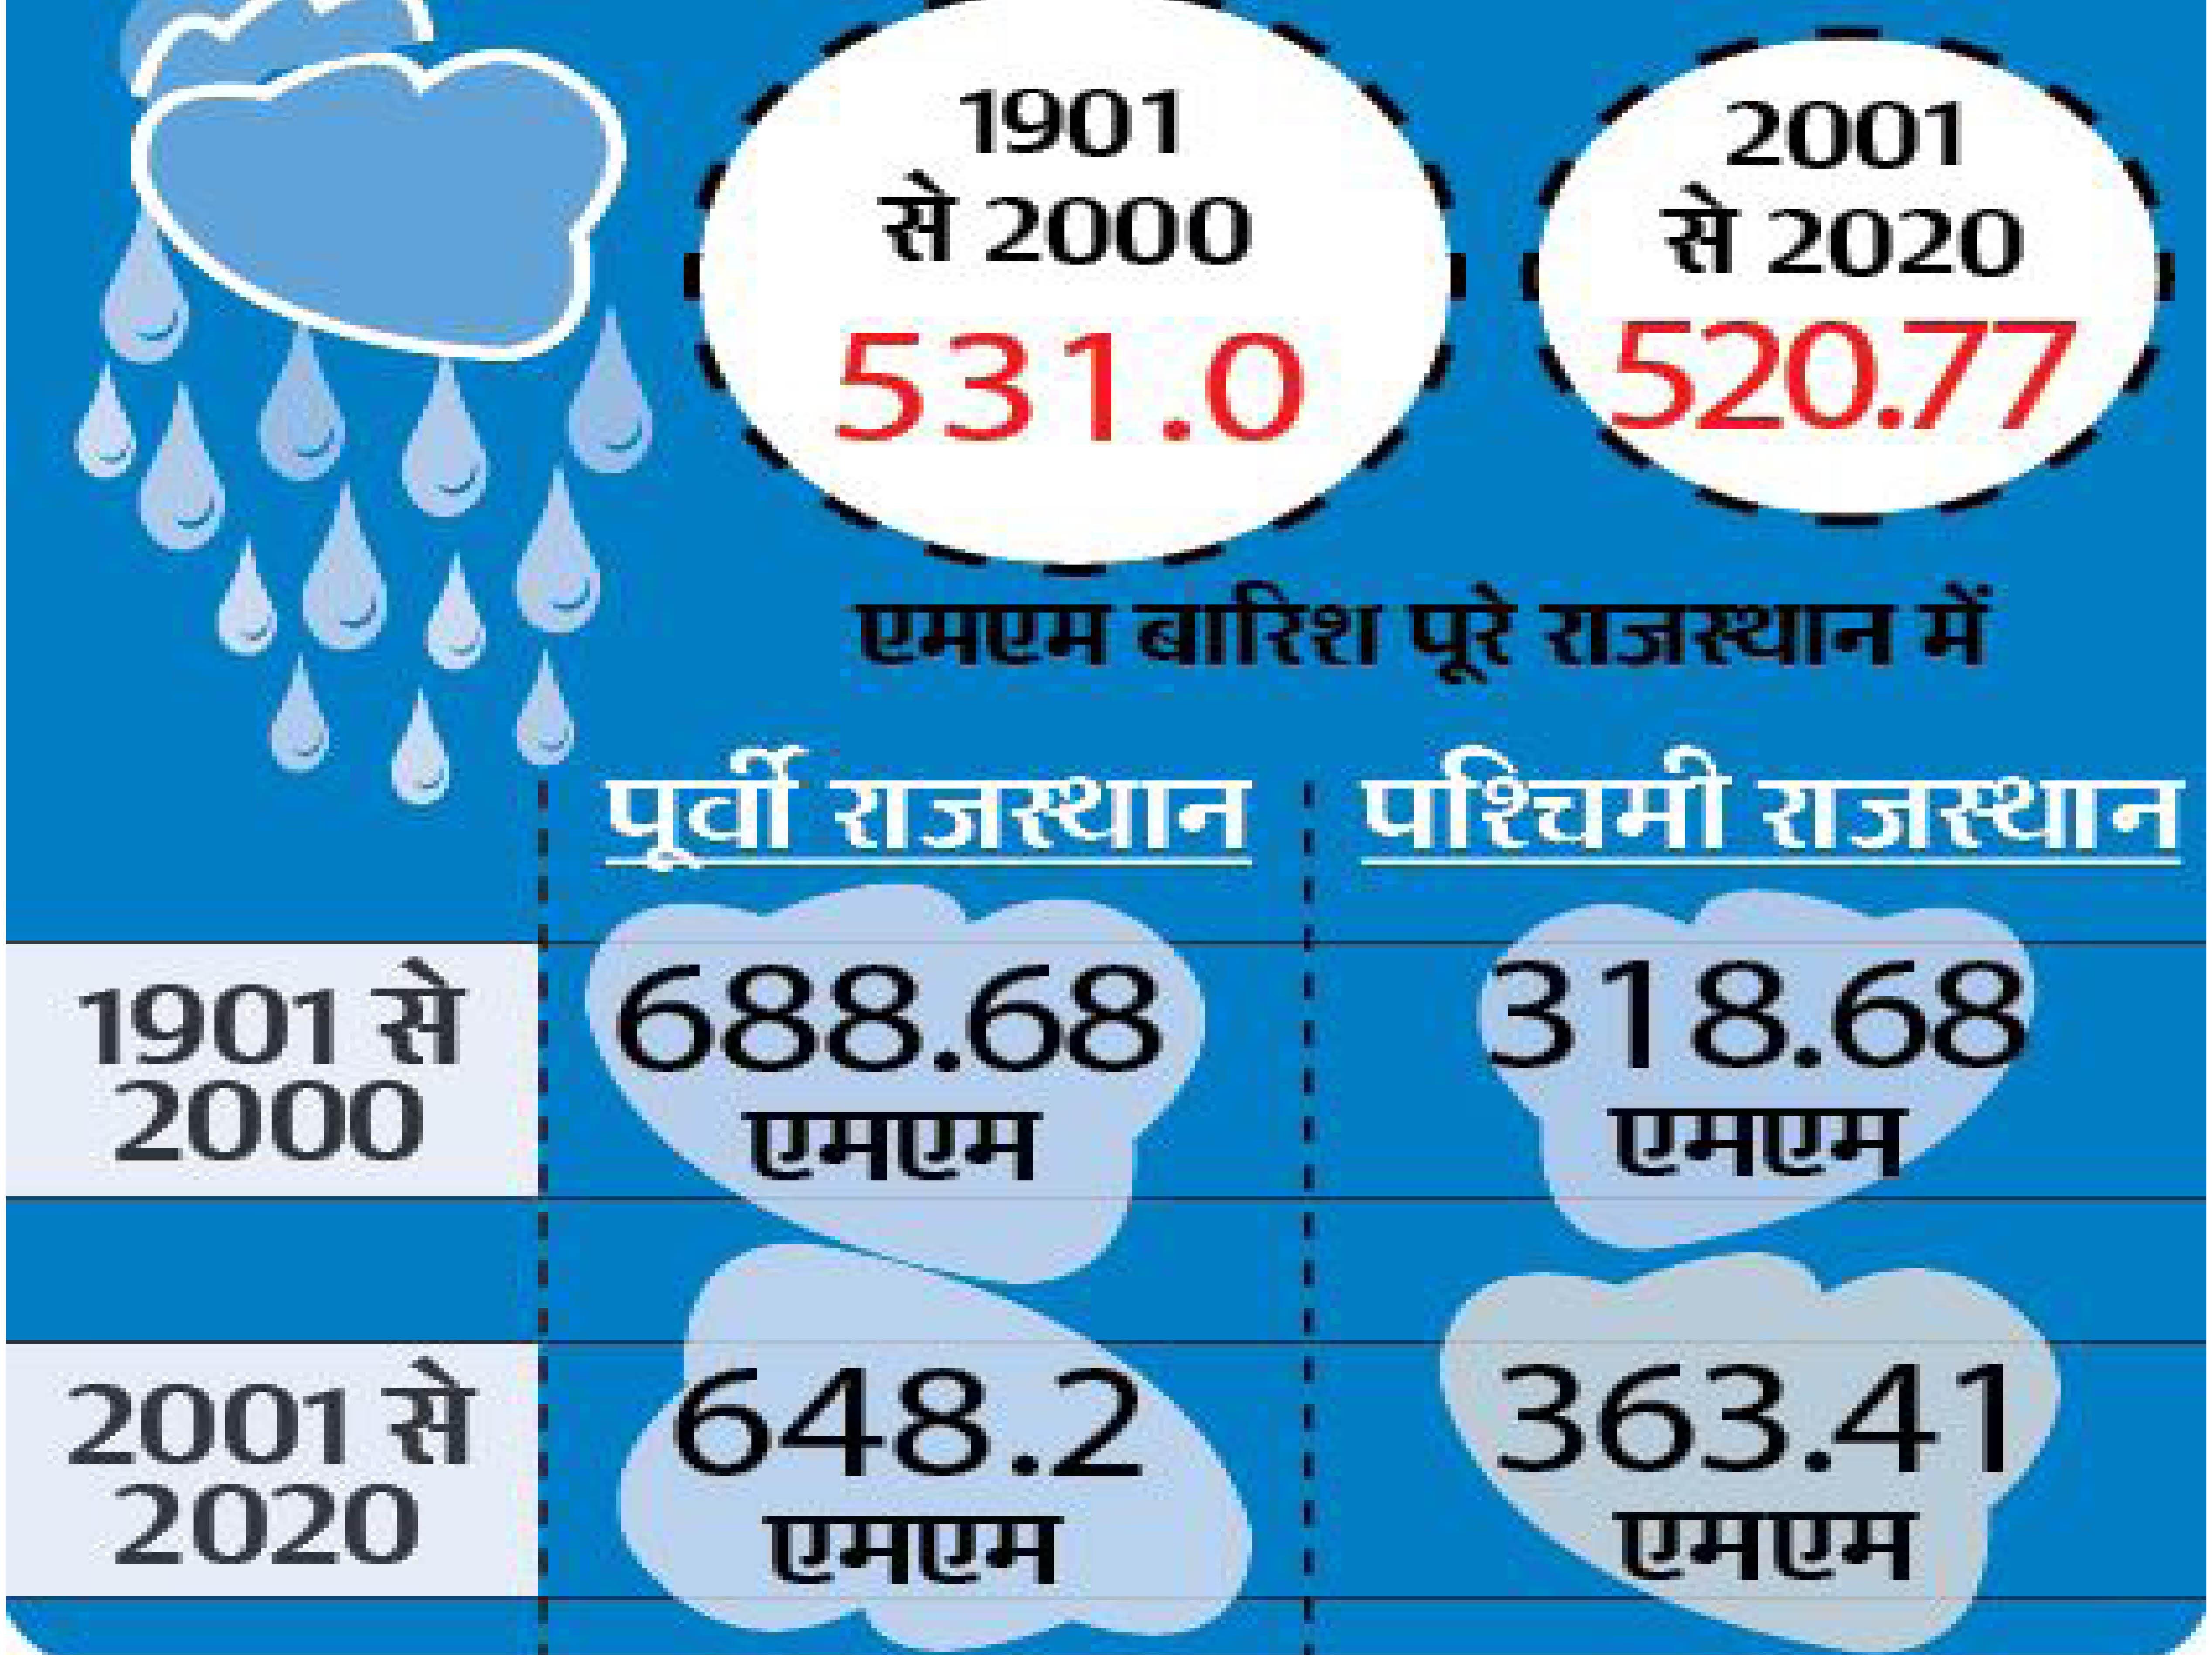 20 साल में रेगिस्तानी जिलों में 12% बारिश बढ़ी, पूर्वी जिलों में इतनी ही घट गई, मानसून भी 10 दिन आगे बढ़ा|जयपुर,Jaipur - Dainik Bhaskar